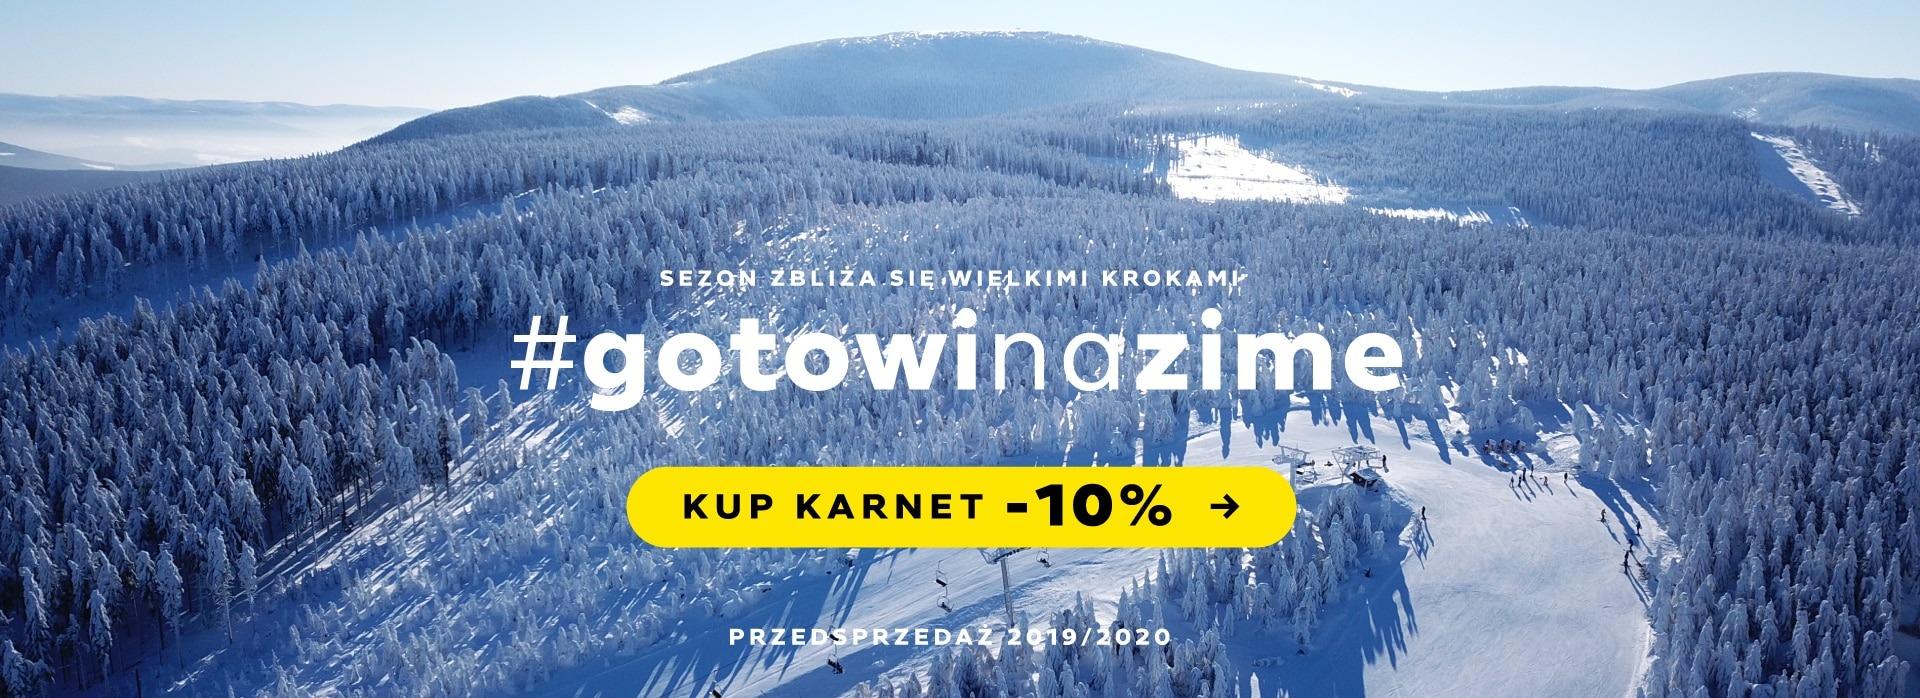 Karner narciarski Czarna Góra Resort Przedsprzedaż - Skipass -10%